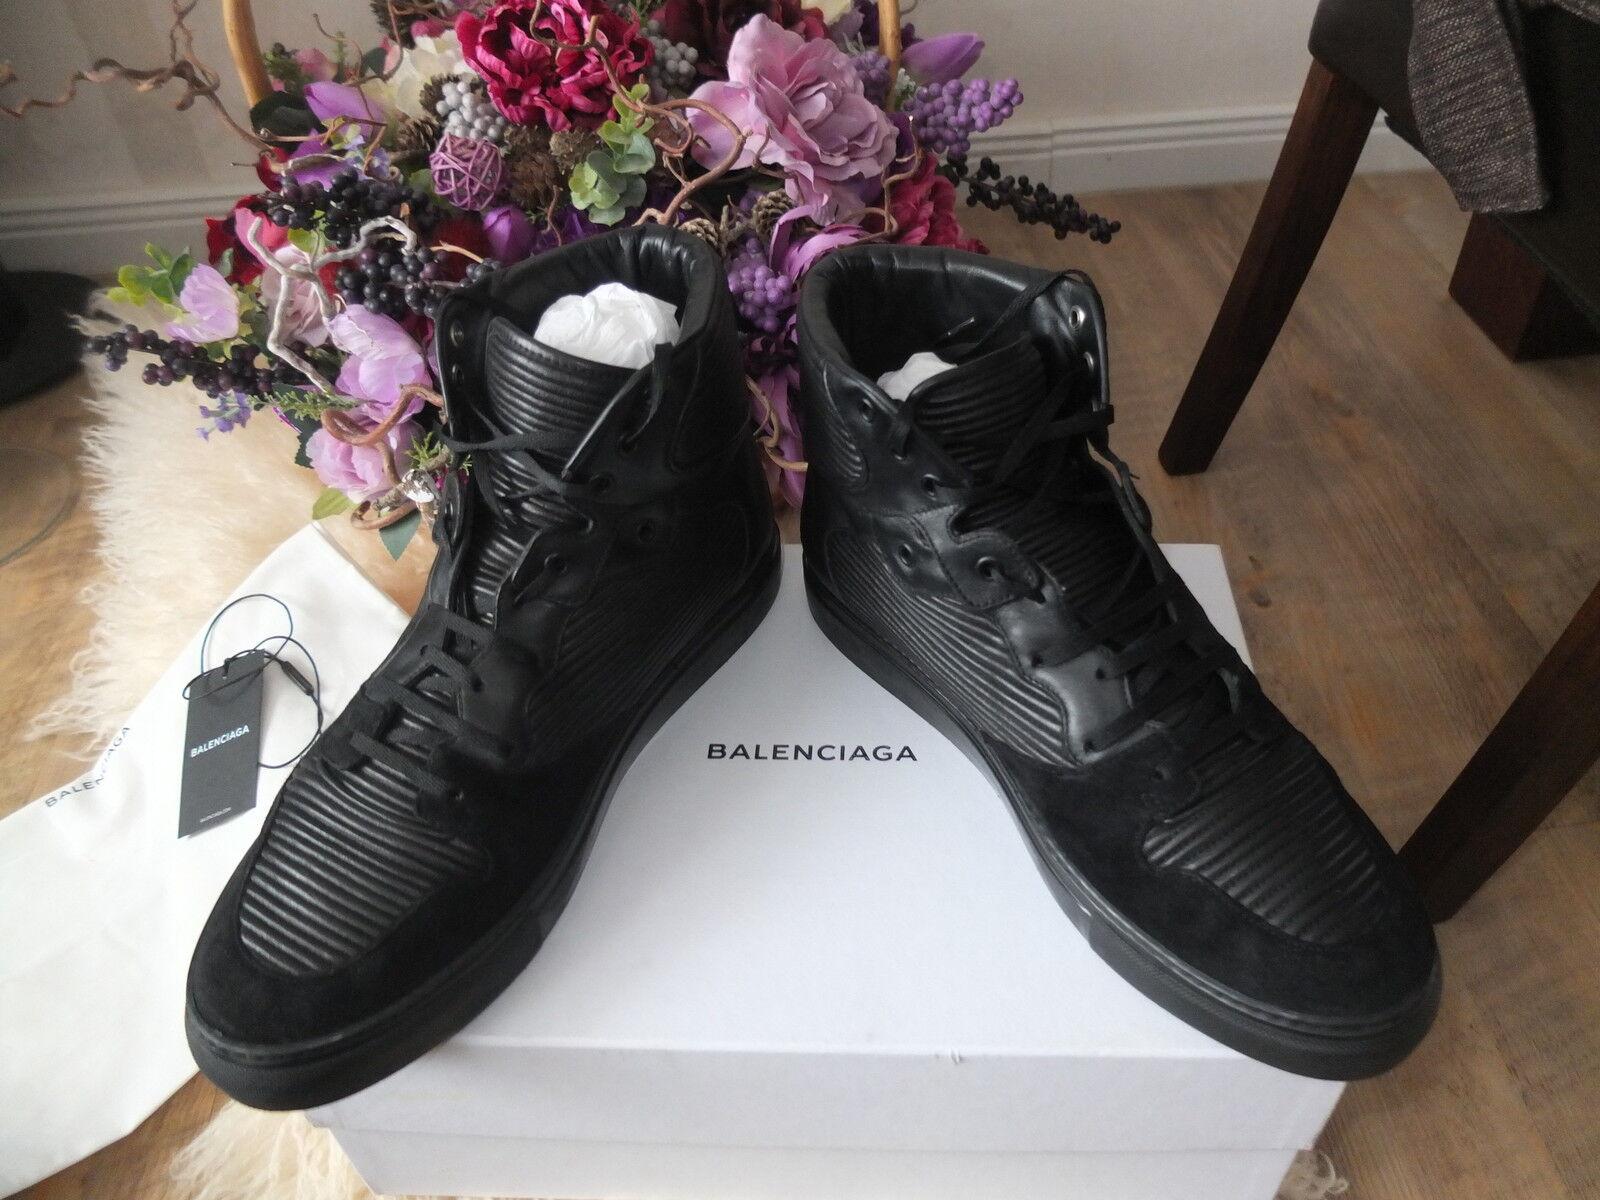 Balenciaga Panelled Leather Leather Leather scarpe da ginnastica High Top scarpe da ginnastica Scarpe Da Uomo Scarpe scarpe 90ffe7